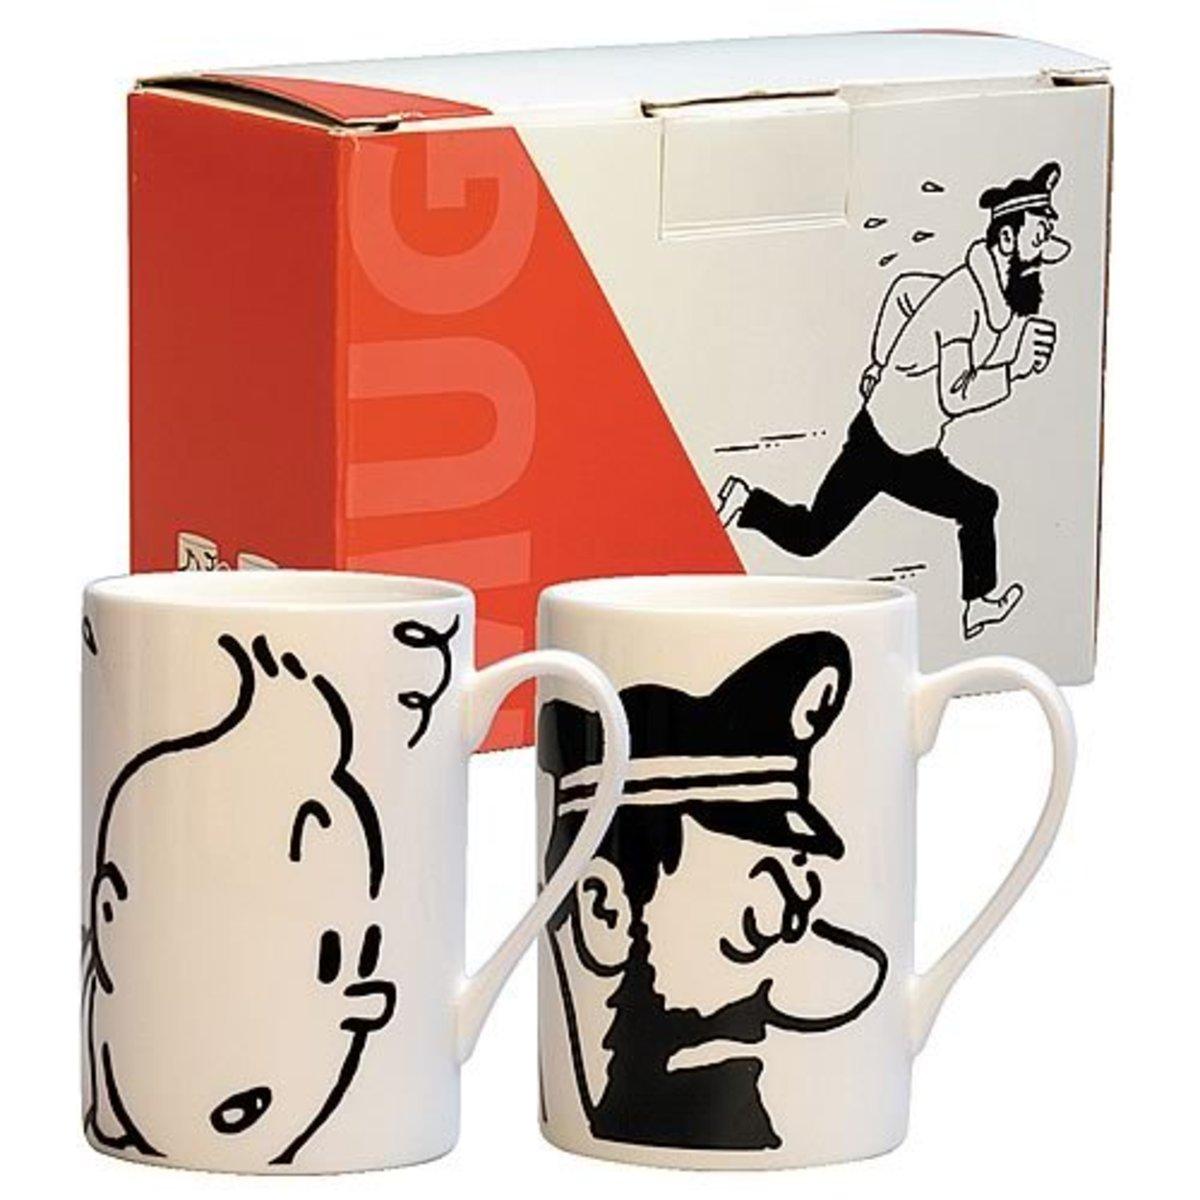 Tintin and Haddock Mug Set